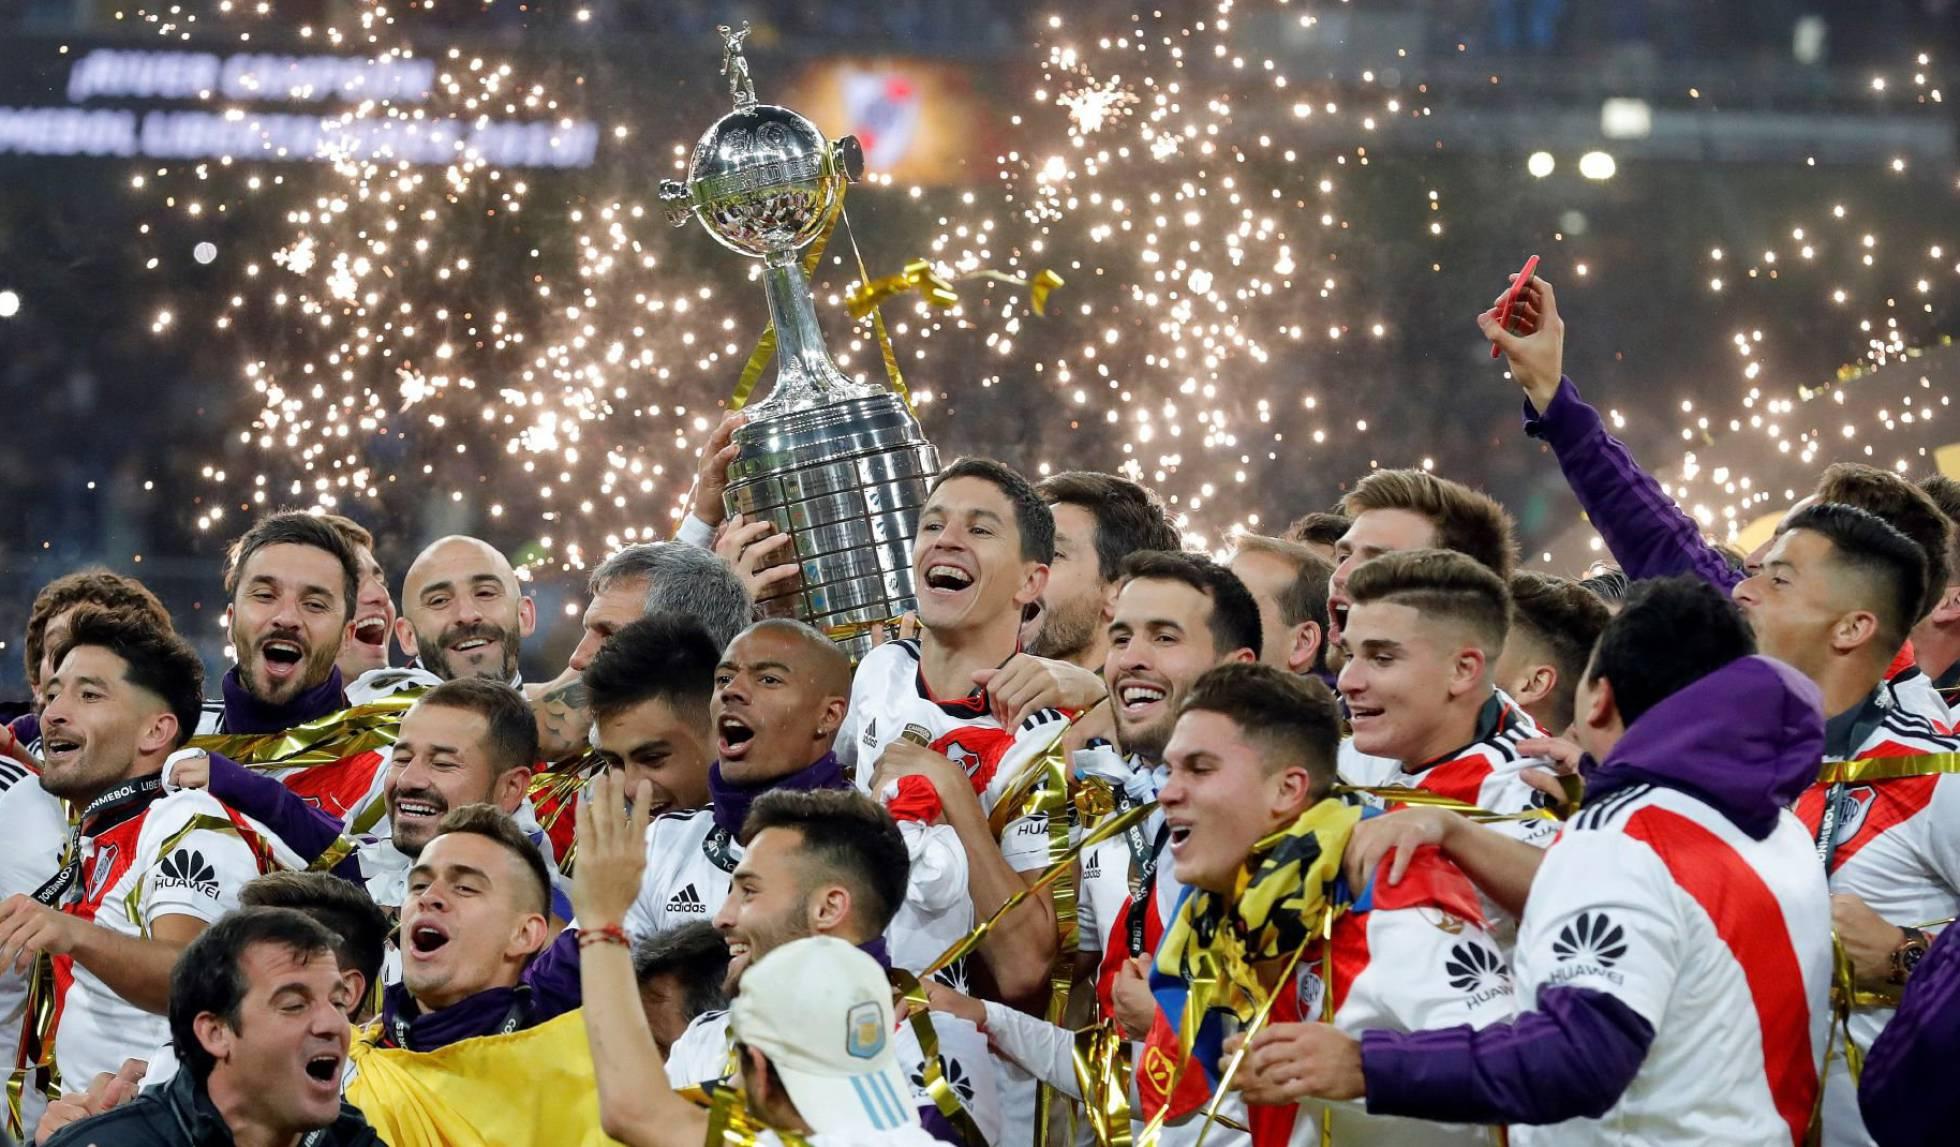 River Plate é campeão da Libertadores com direito a virada sobre o Boca Juniors 1544374815_271990_1544395683_noticia_normal_recorte1